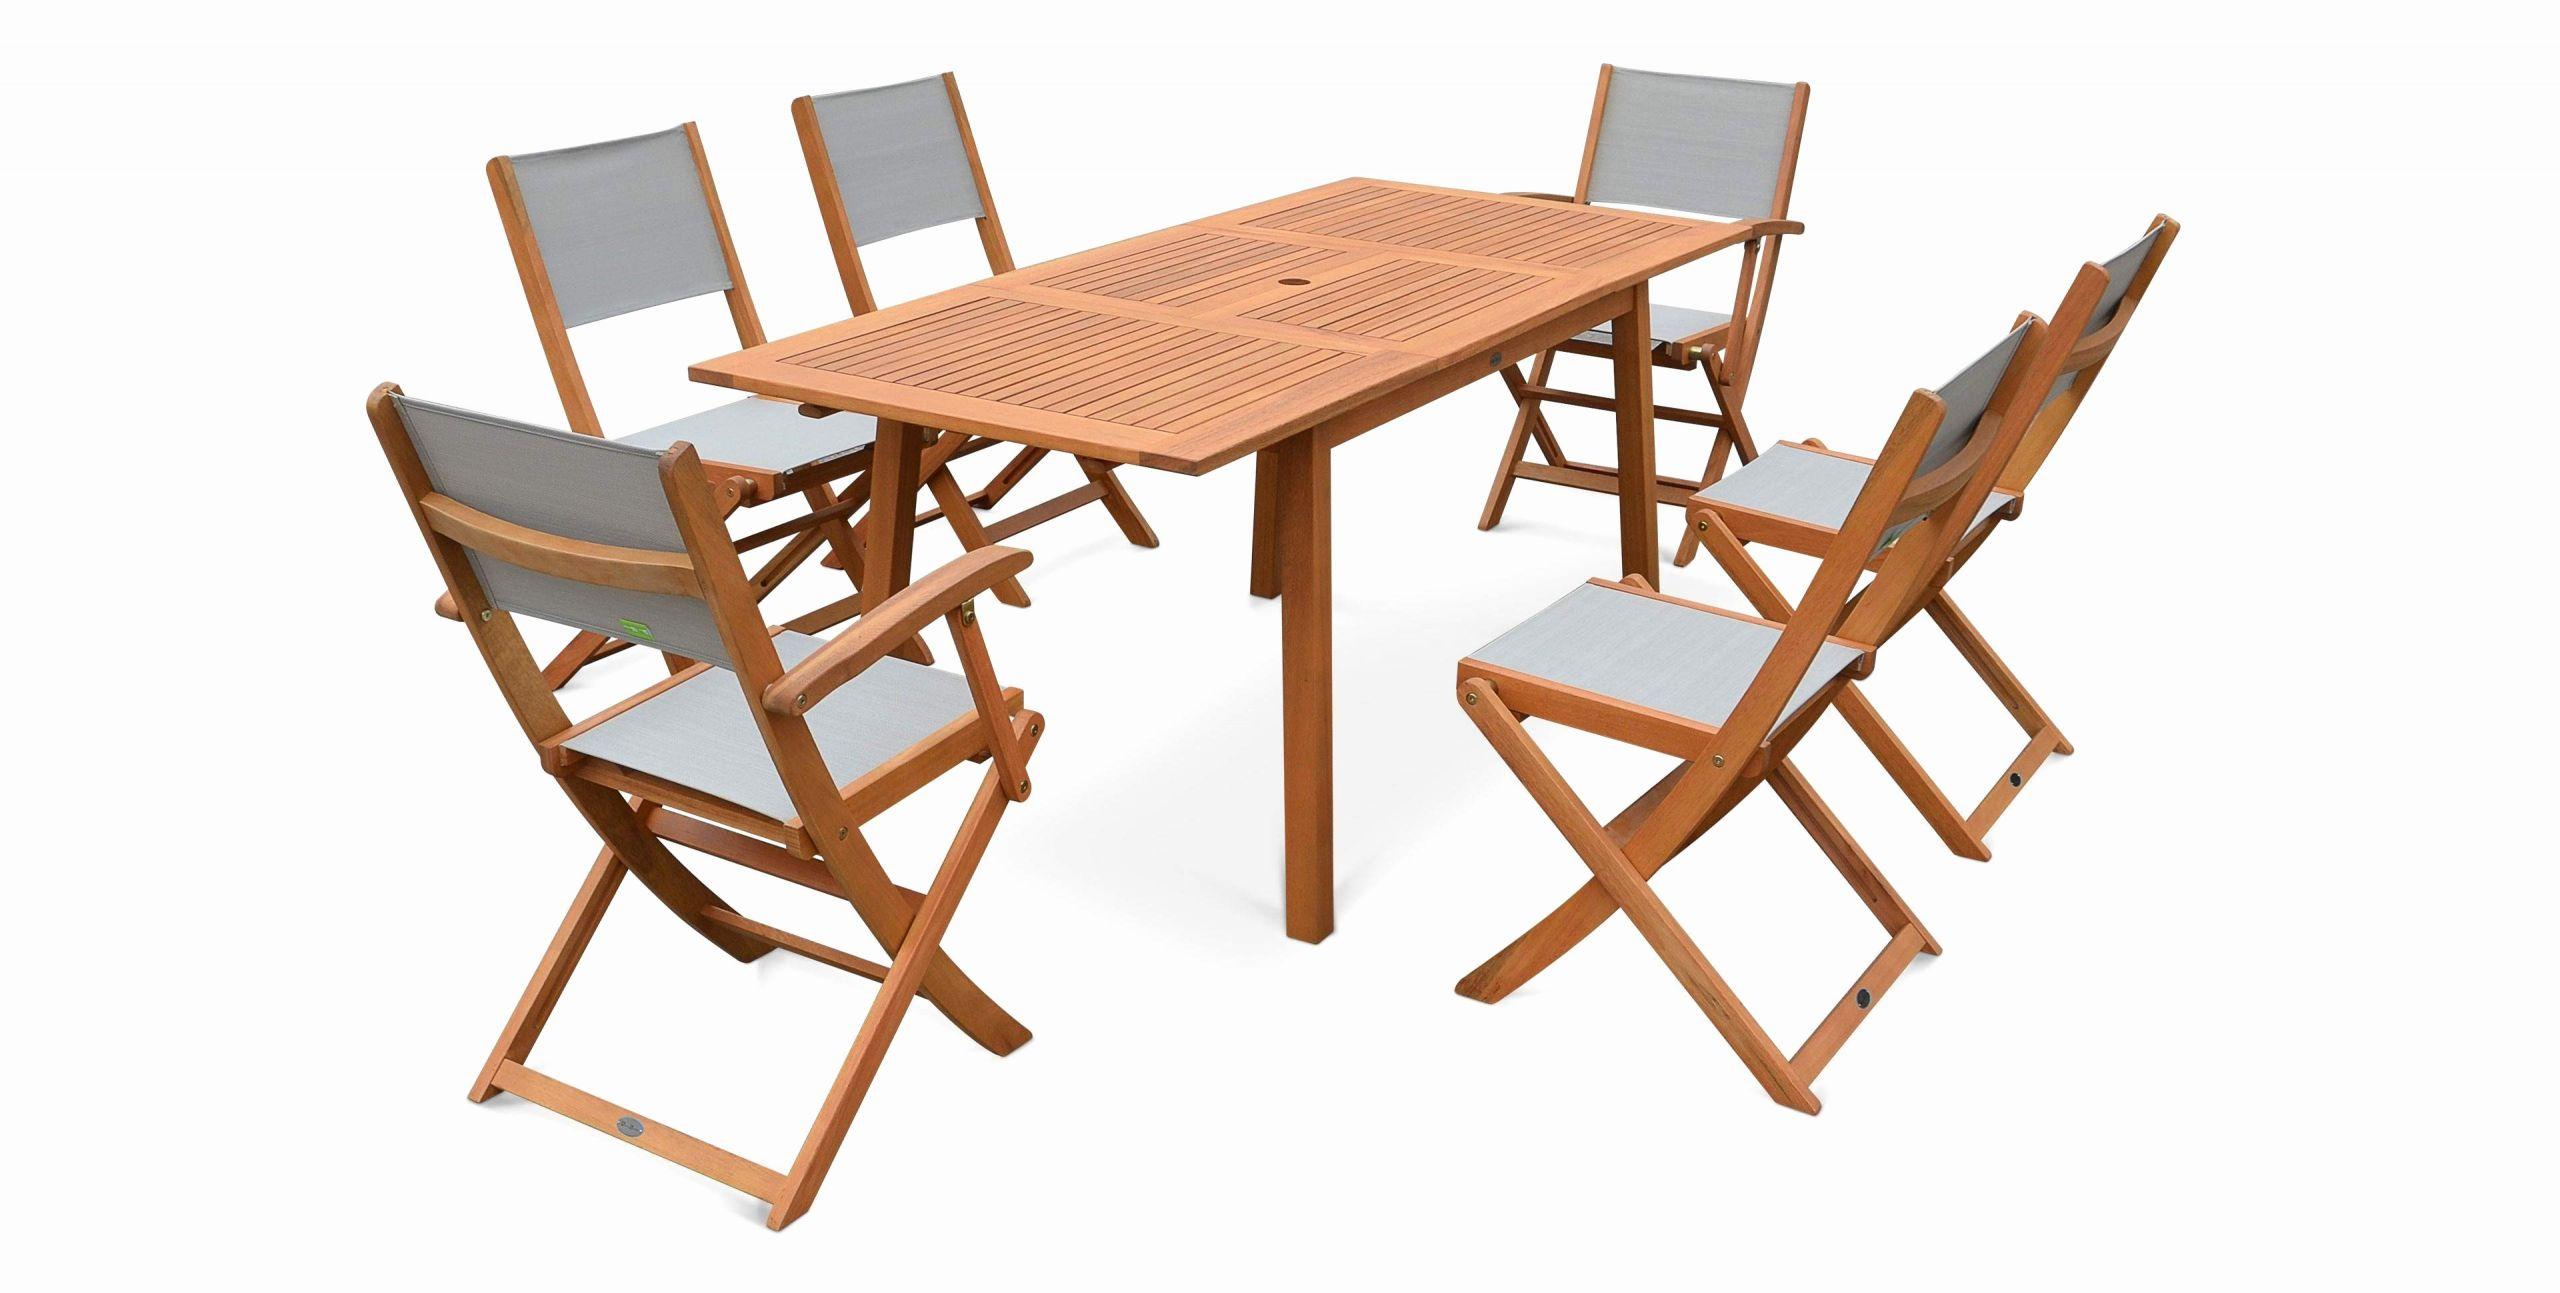 Table Exterieur Charmant 73 Frais Salon De Jardin Leclerc ... serapportantà Leclerc Mobilier De Jardin